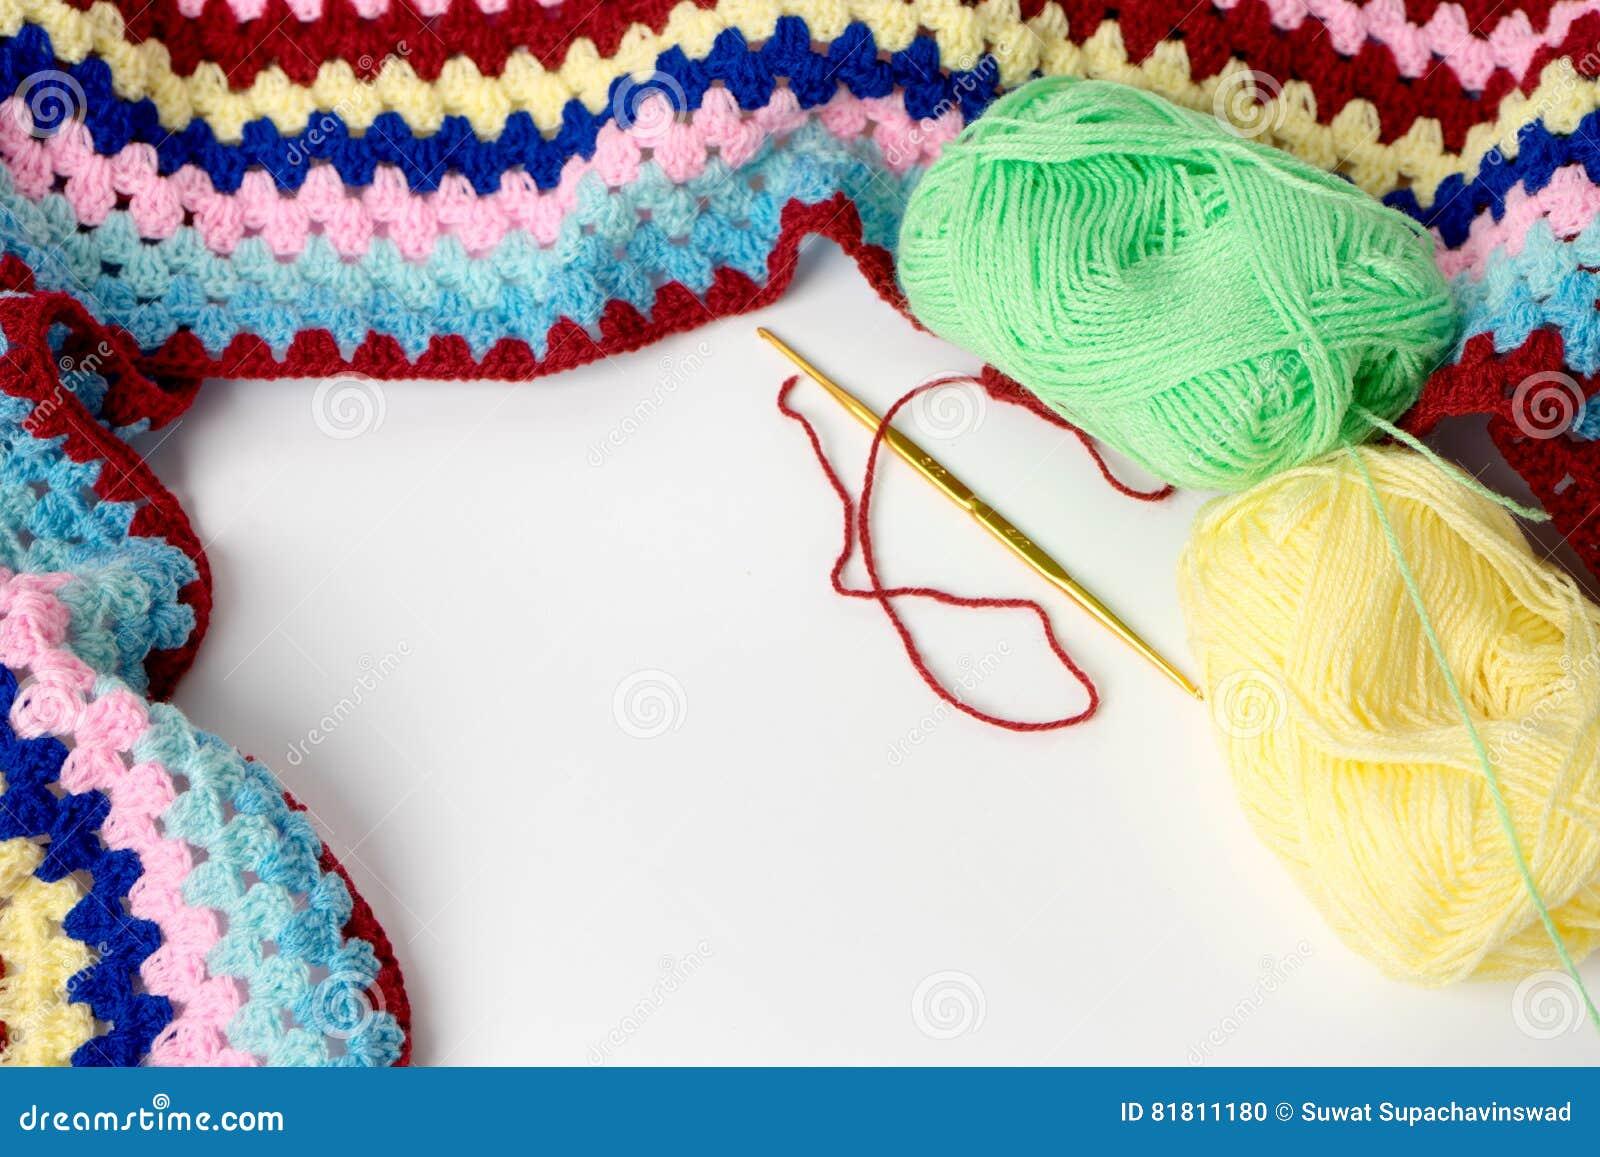 вязать вязание крючком красочное